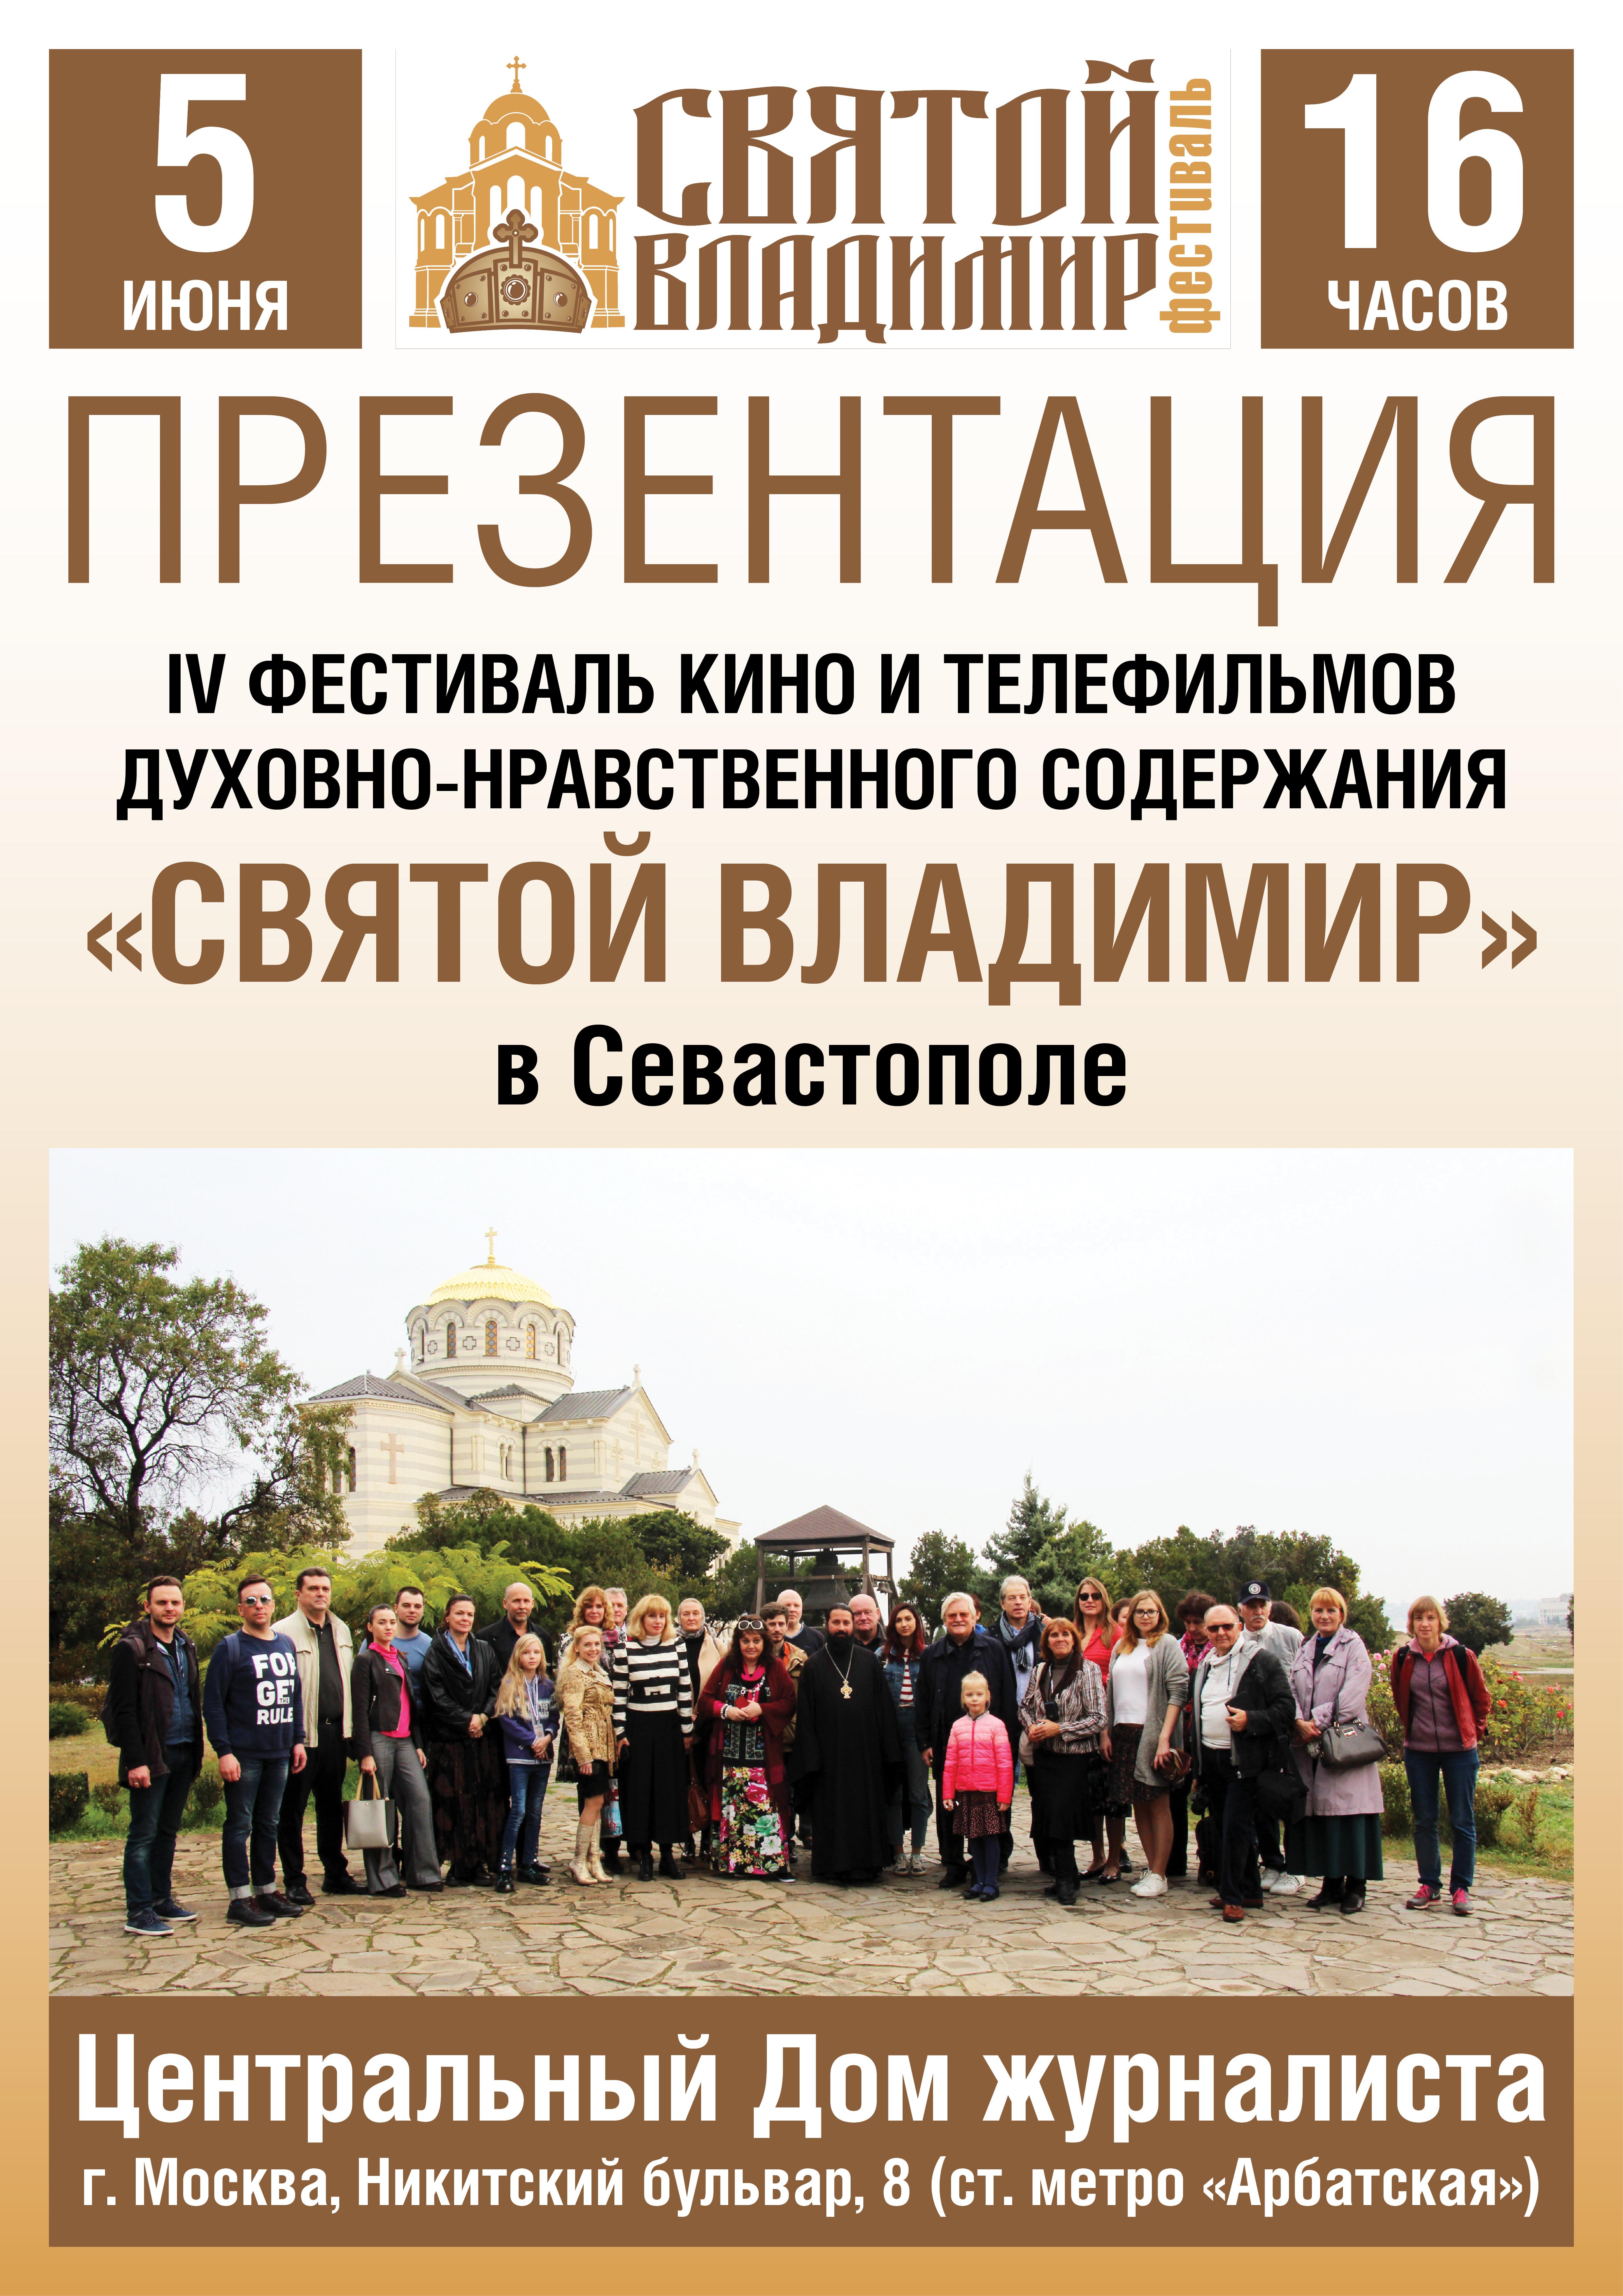 Афиша СВ